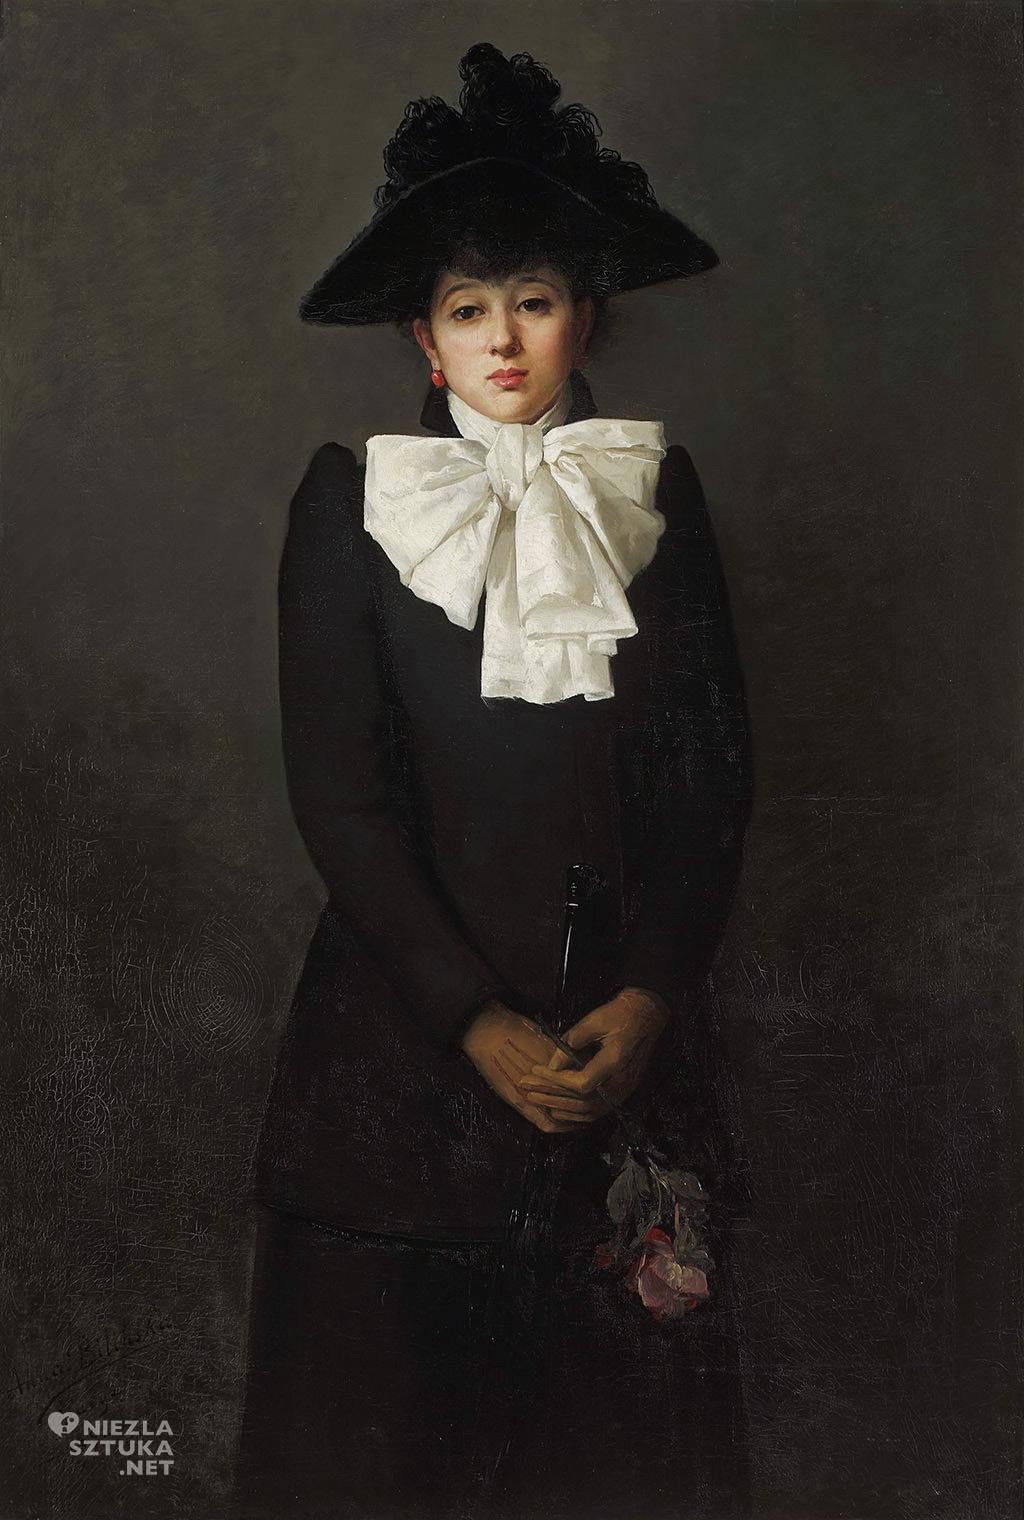 Anna Bilińska, Portret, Portret młodej kobiety z różą w ręku, Niezła sztuka